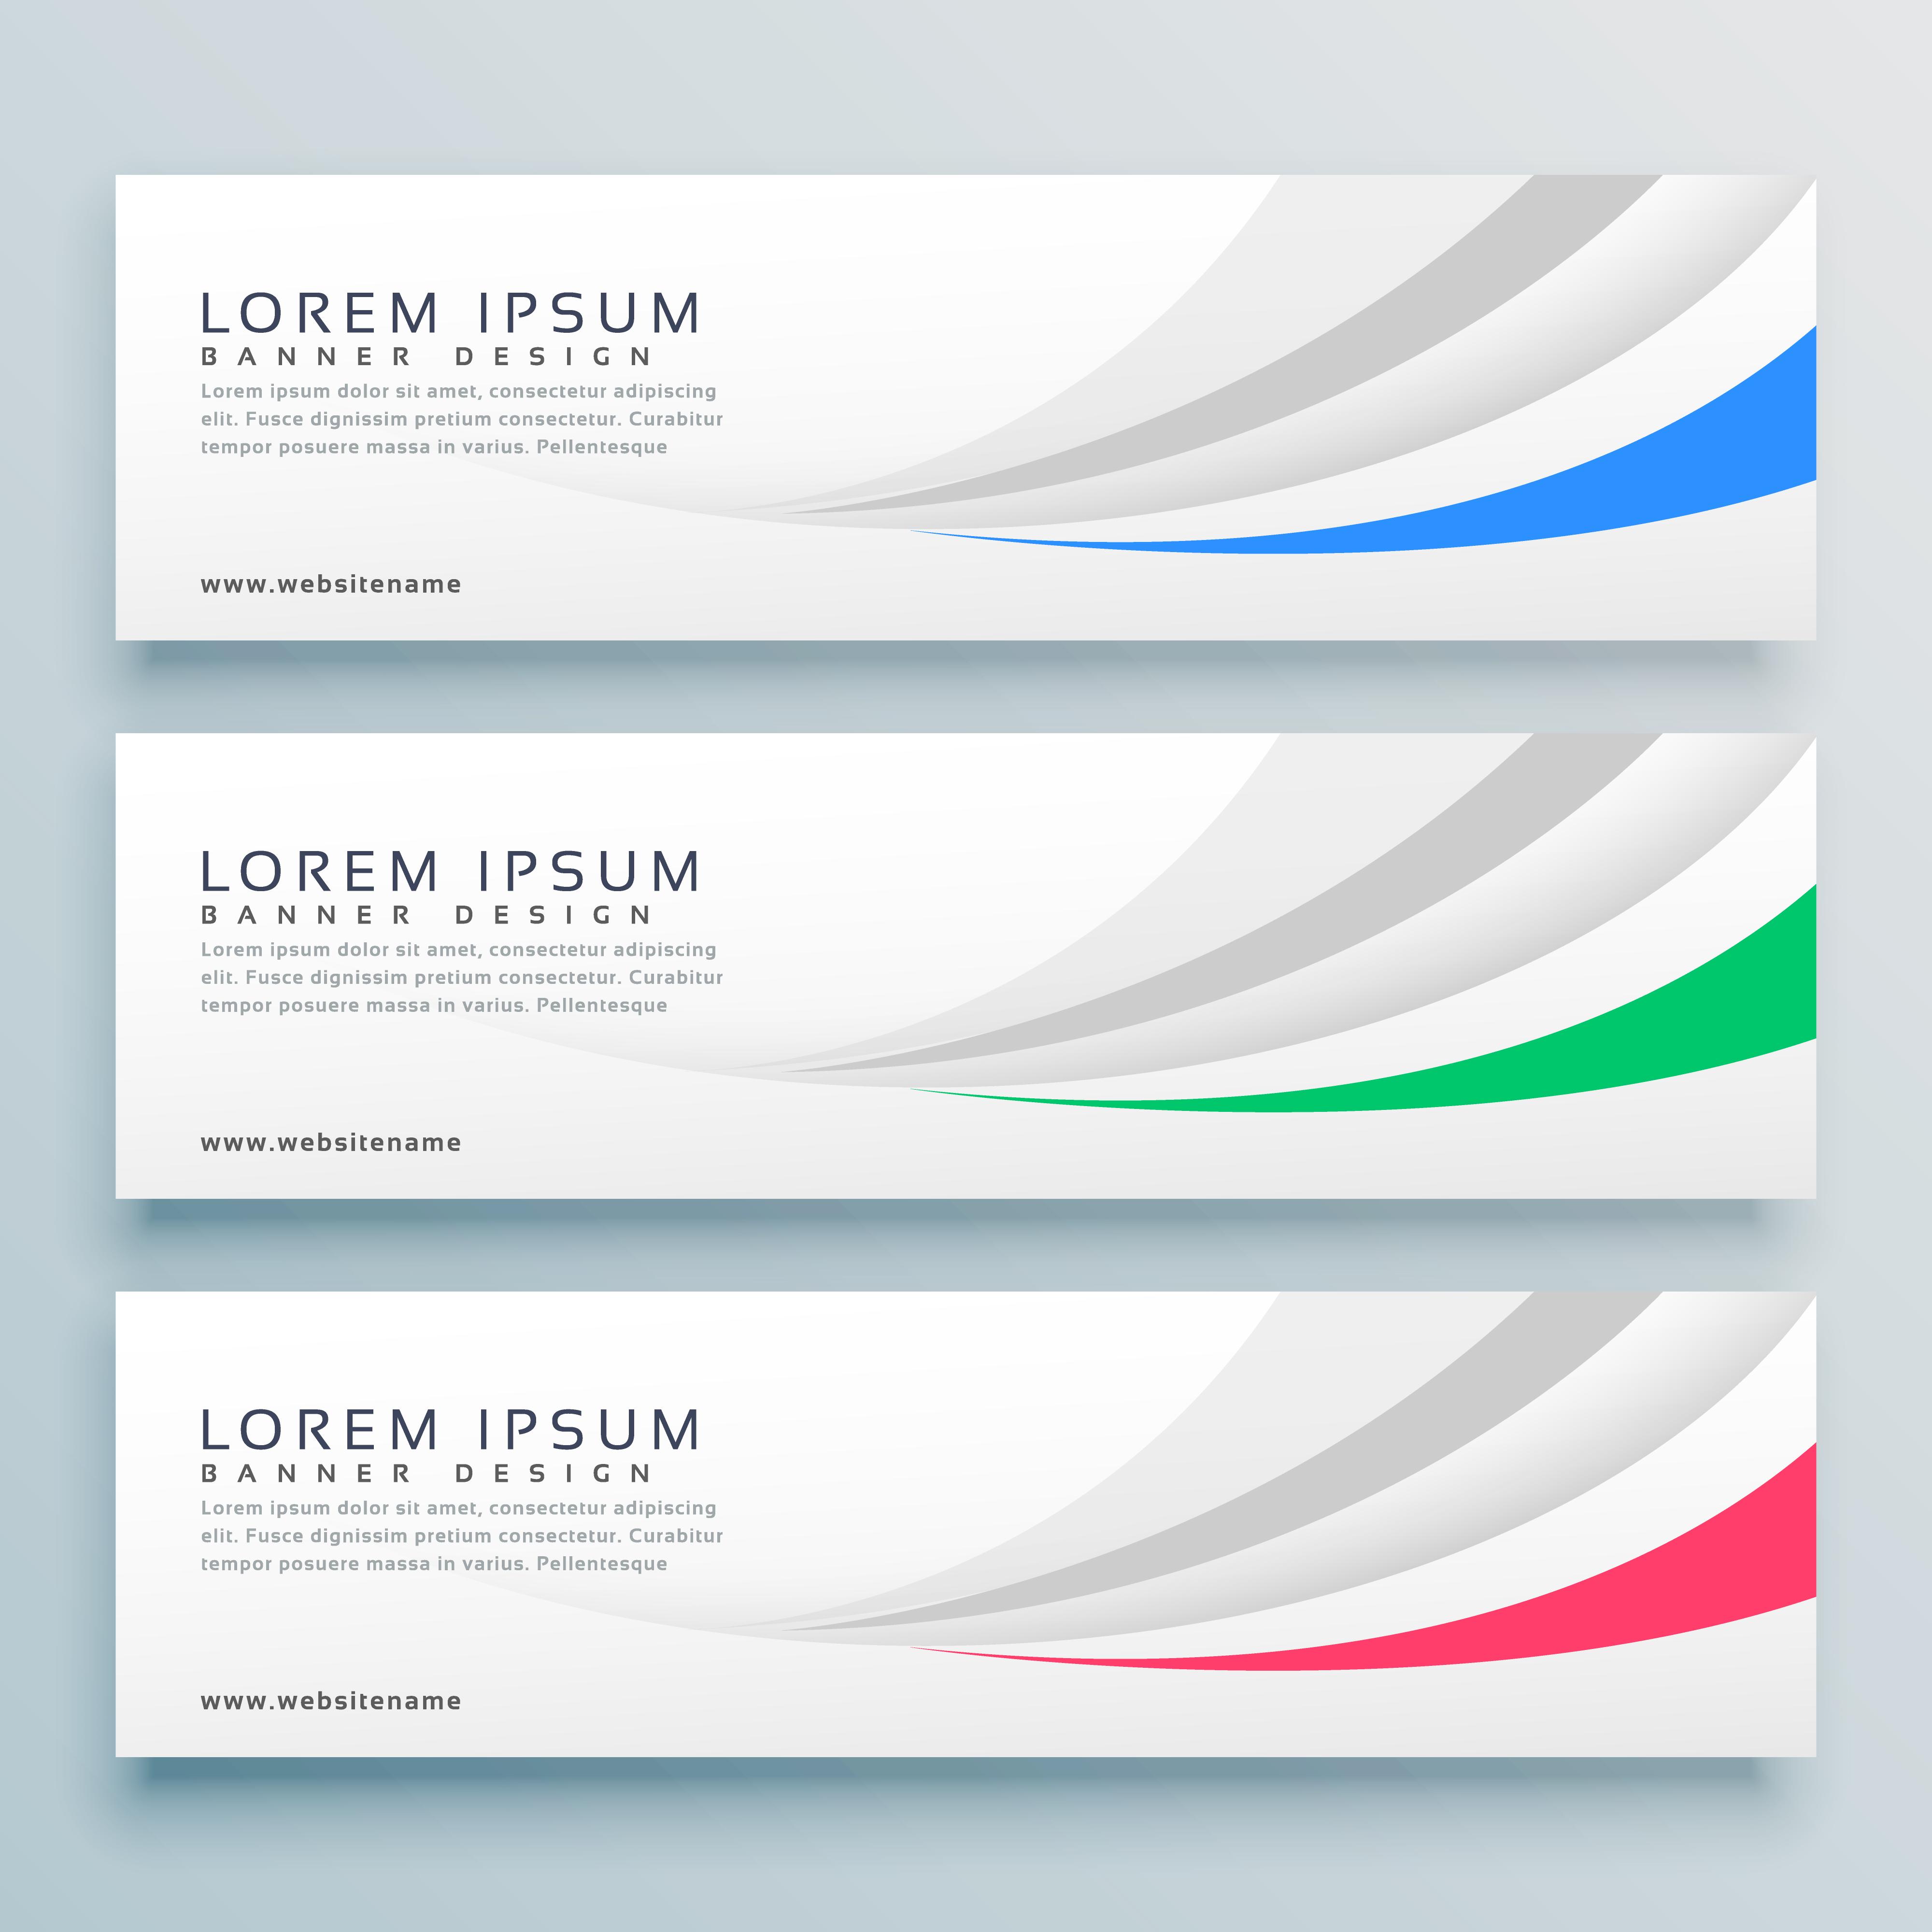 Vector Illustration Web Designs: Modern Clean Web Banner Or Header Design Background